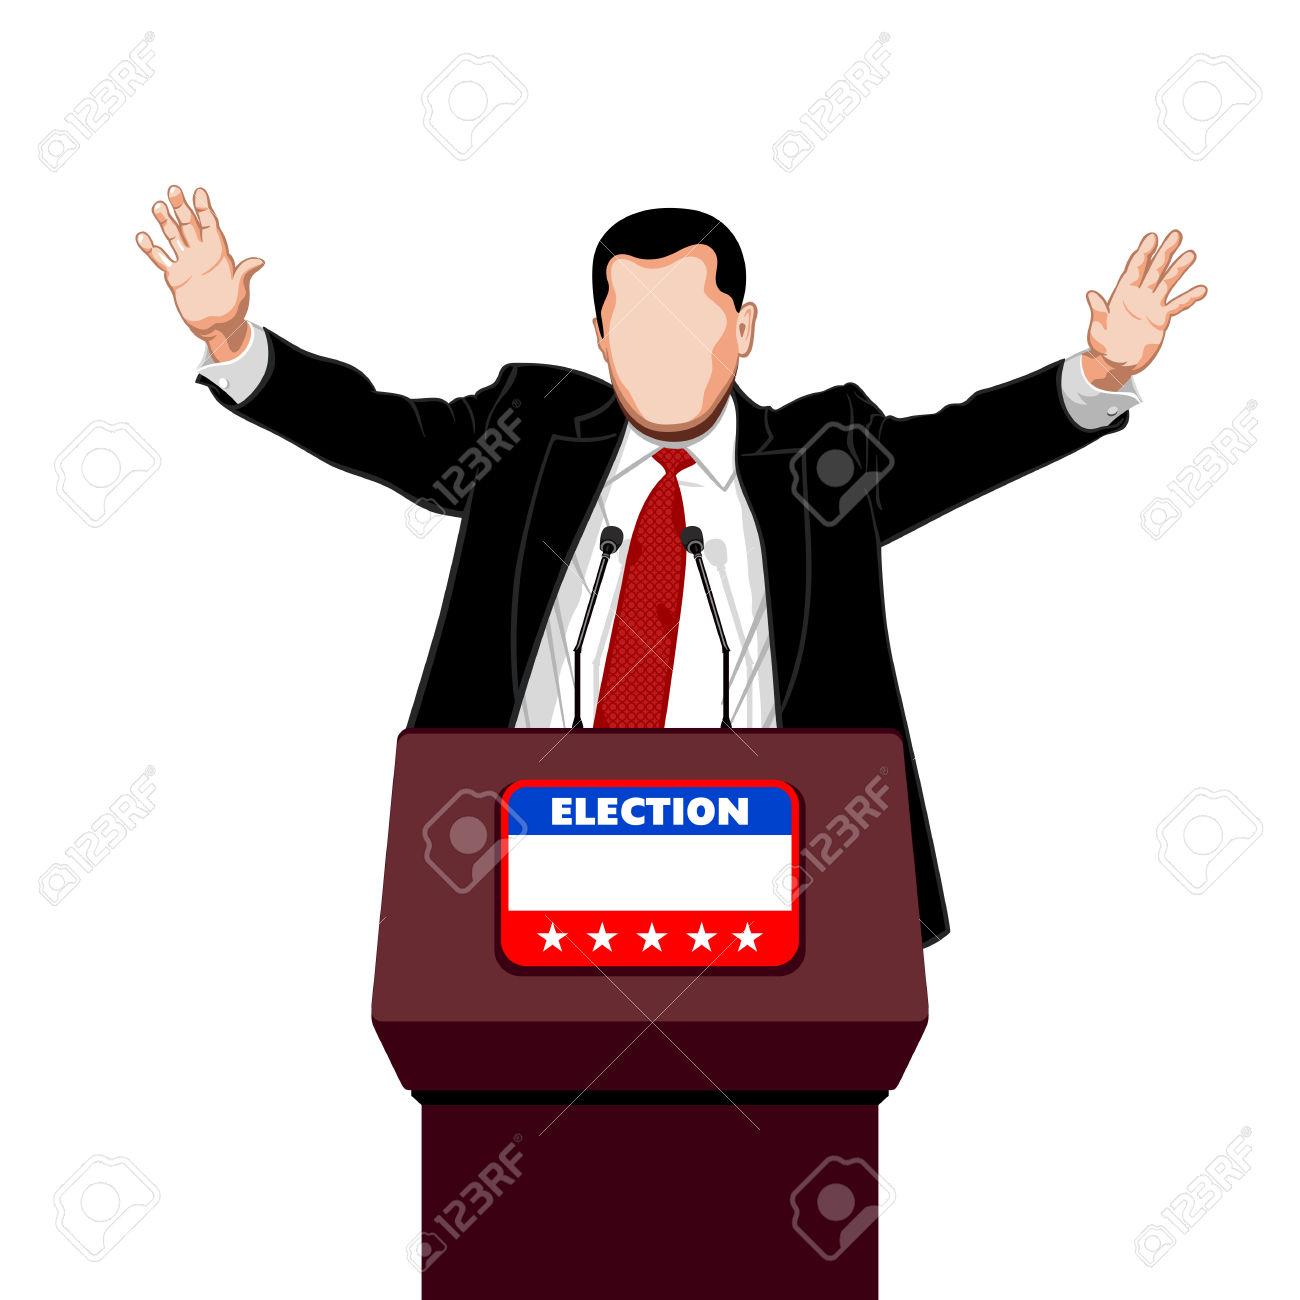 Politicien Salue Ses Partisans De La Campagne électorale Clip Art.